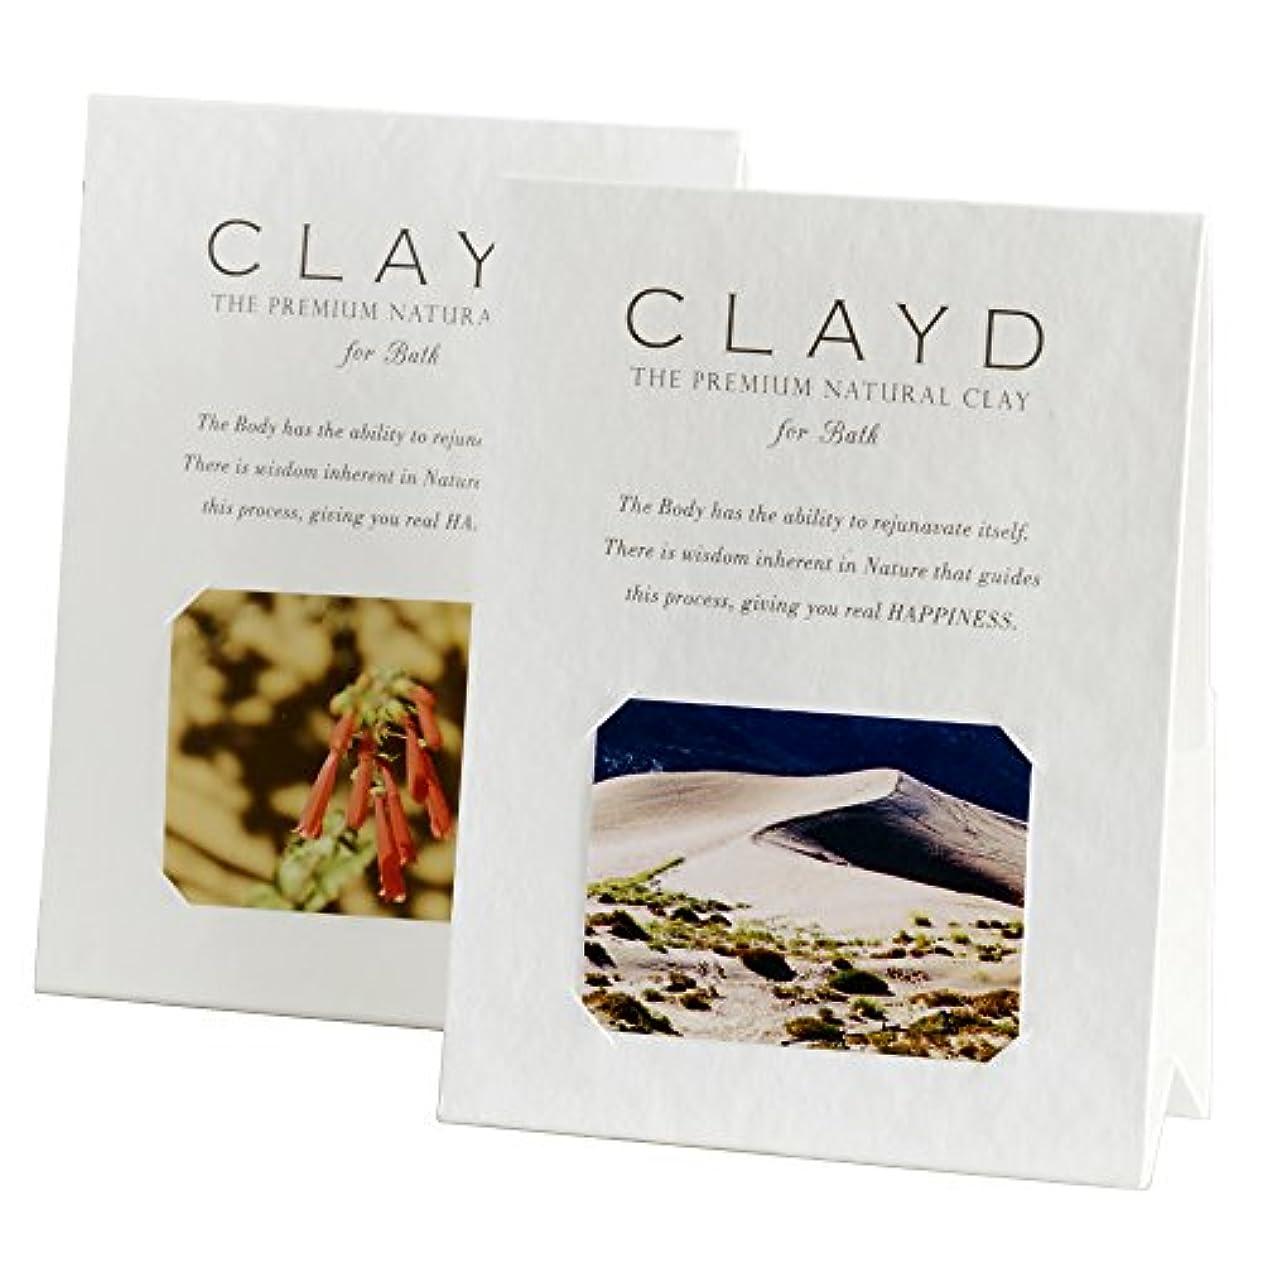 しなければならないフラッシュのように素早く石灰岩CLAYD for Bath(クレイドフォーバス) ONETIME 2個入り